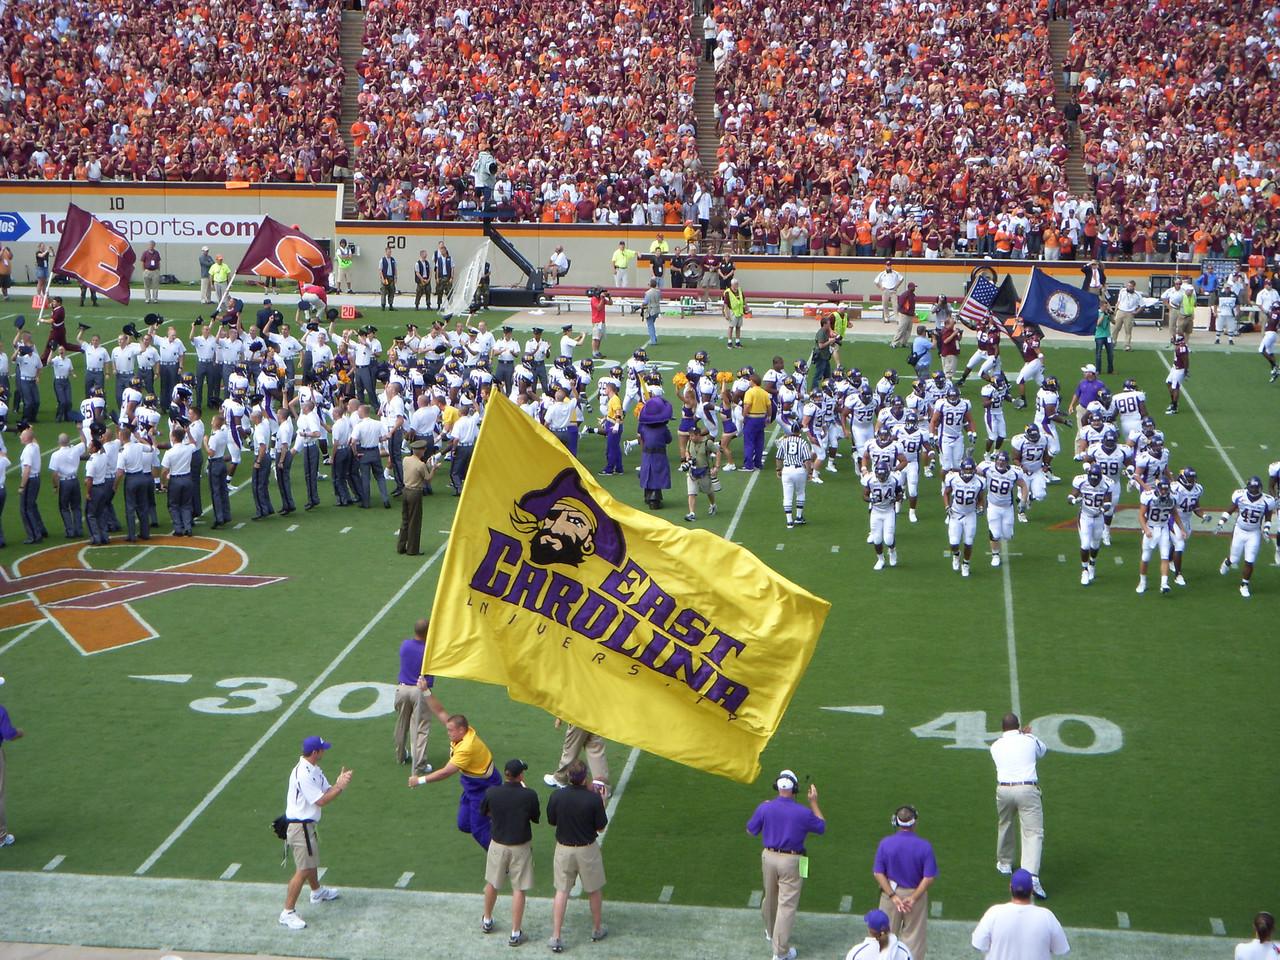 9/1/2007 - ECU @ Virginia Tech